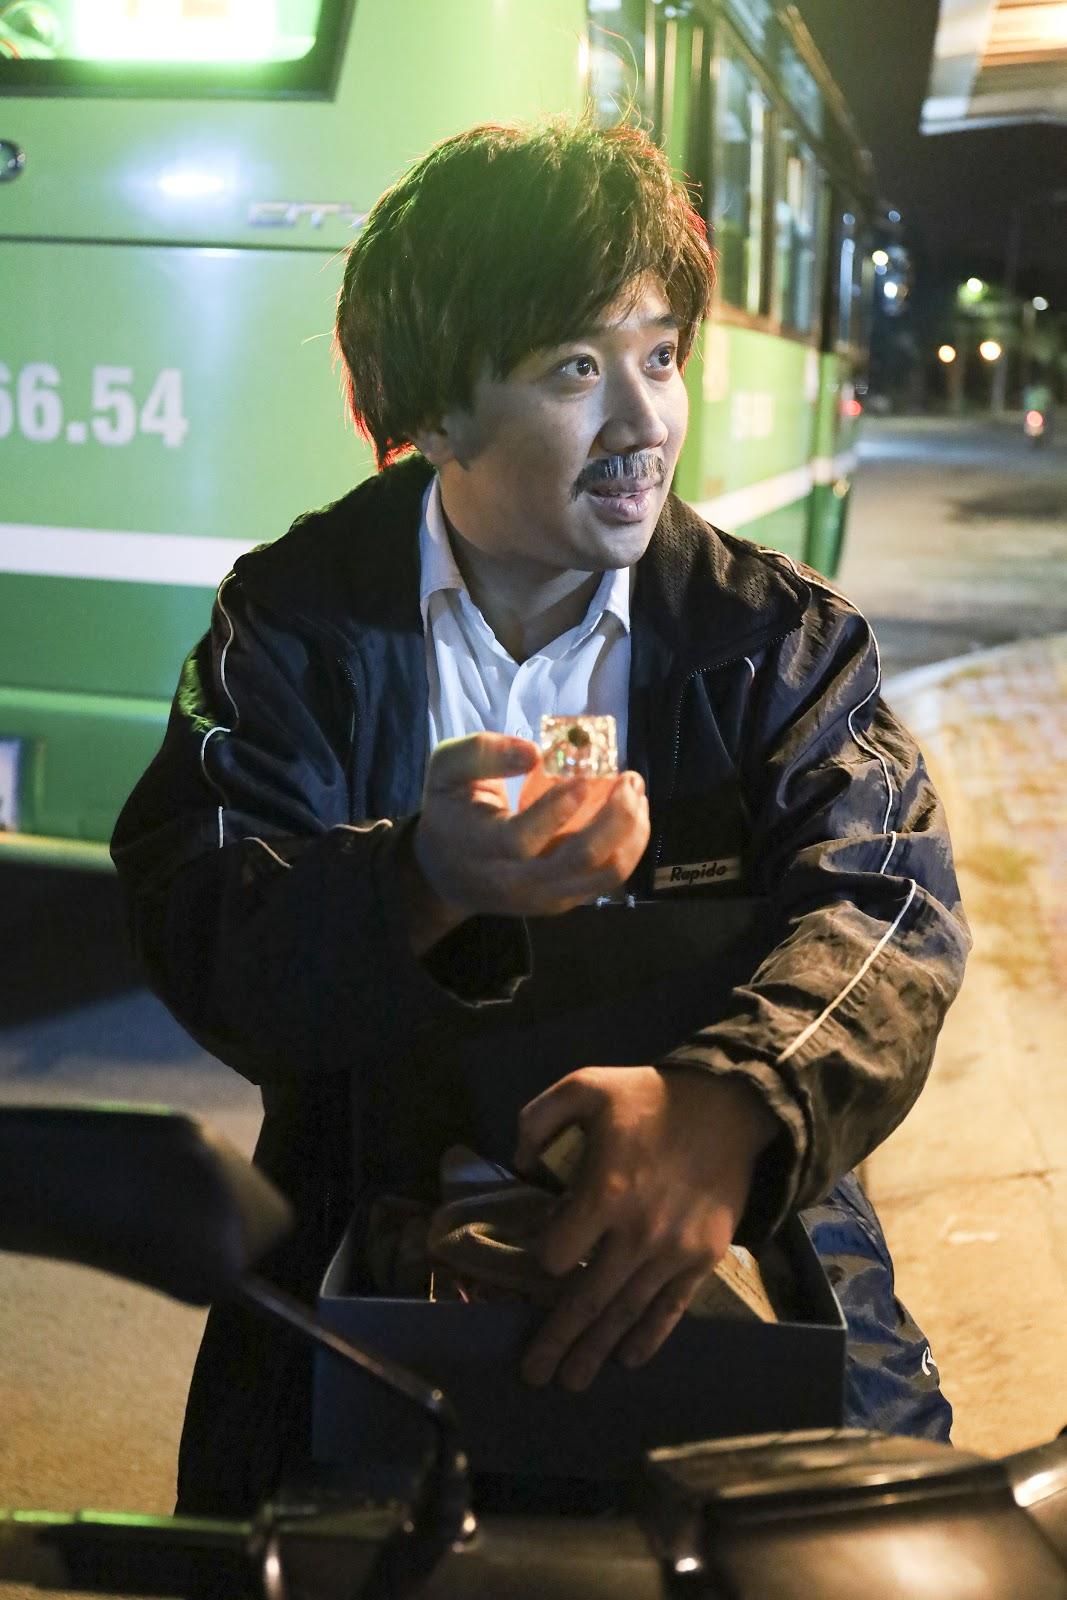 Trấn Thành trở thành ông bố lam lũ, 'cục súc' nhưng giàu tình cảm trong web-drama 'Bố già' - Hình 12